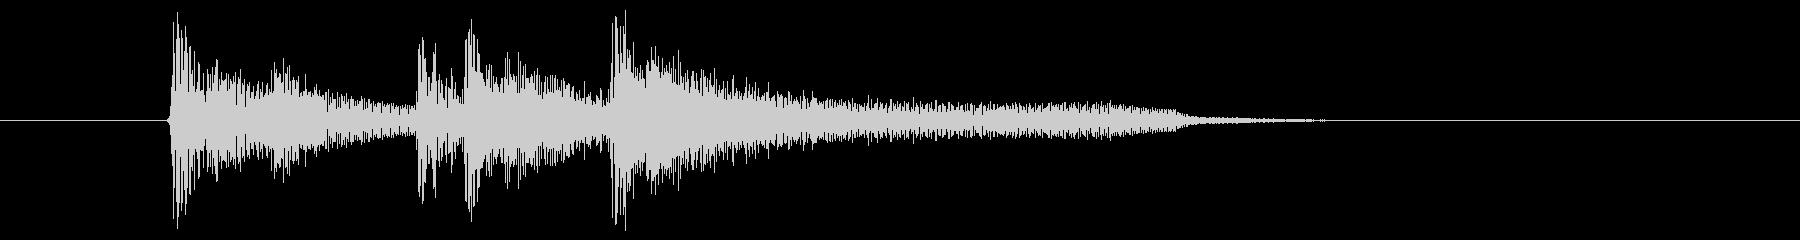 おしゃれでジャジーな打楽器ピアノサウンドの未再生の波形